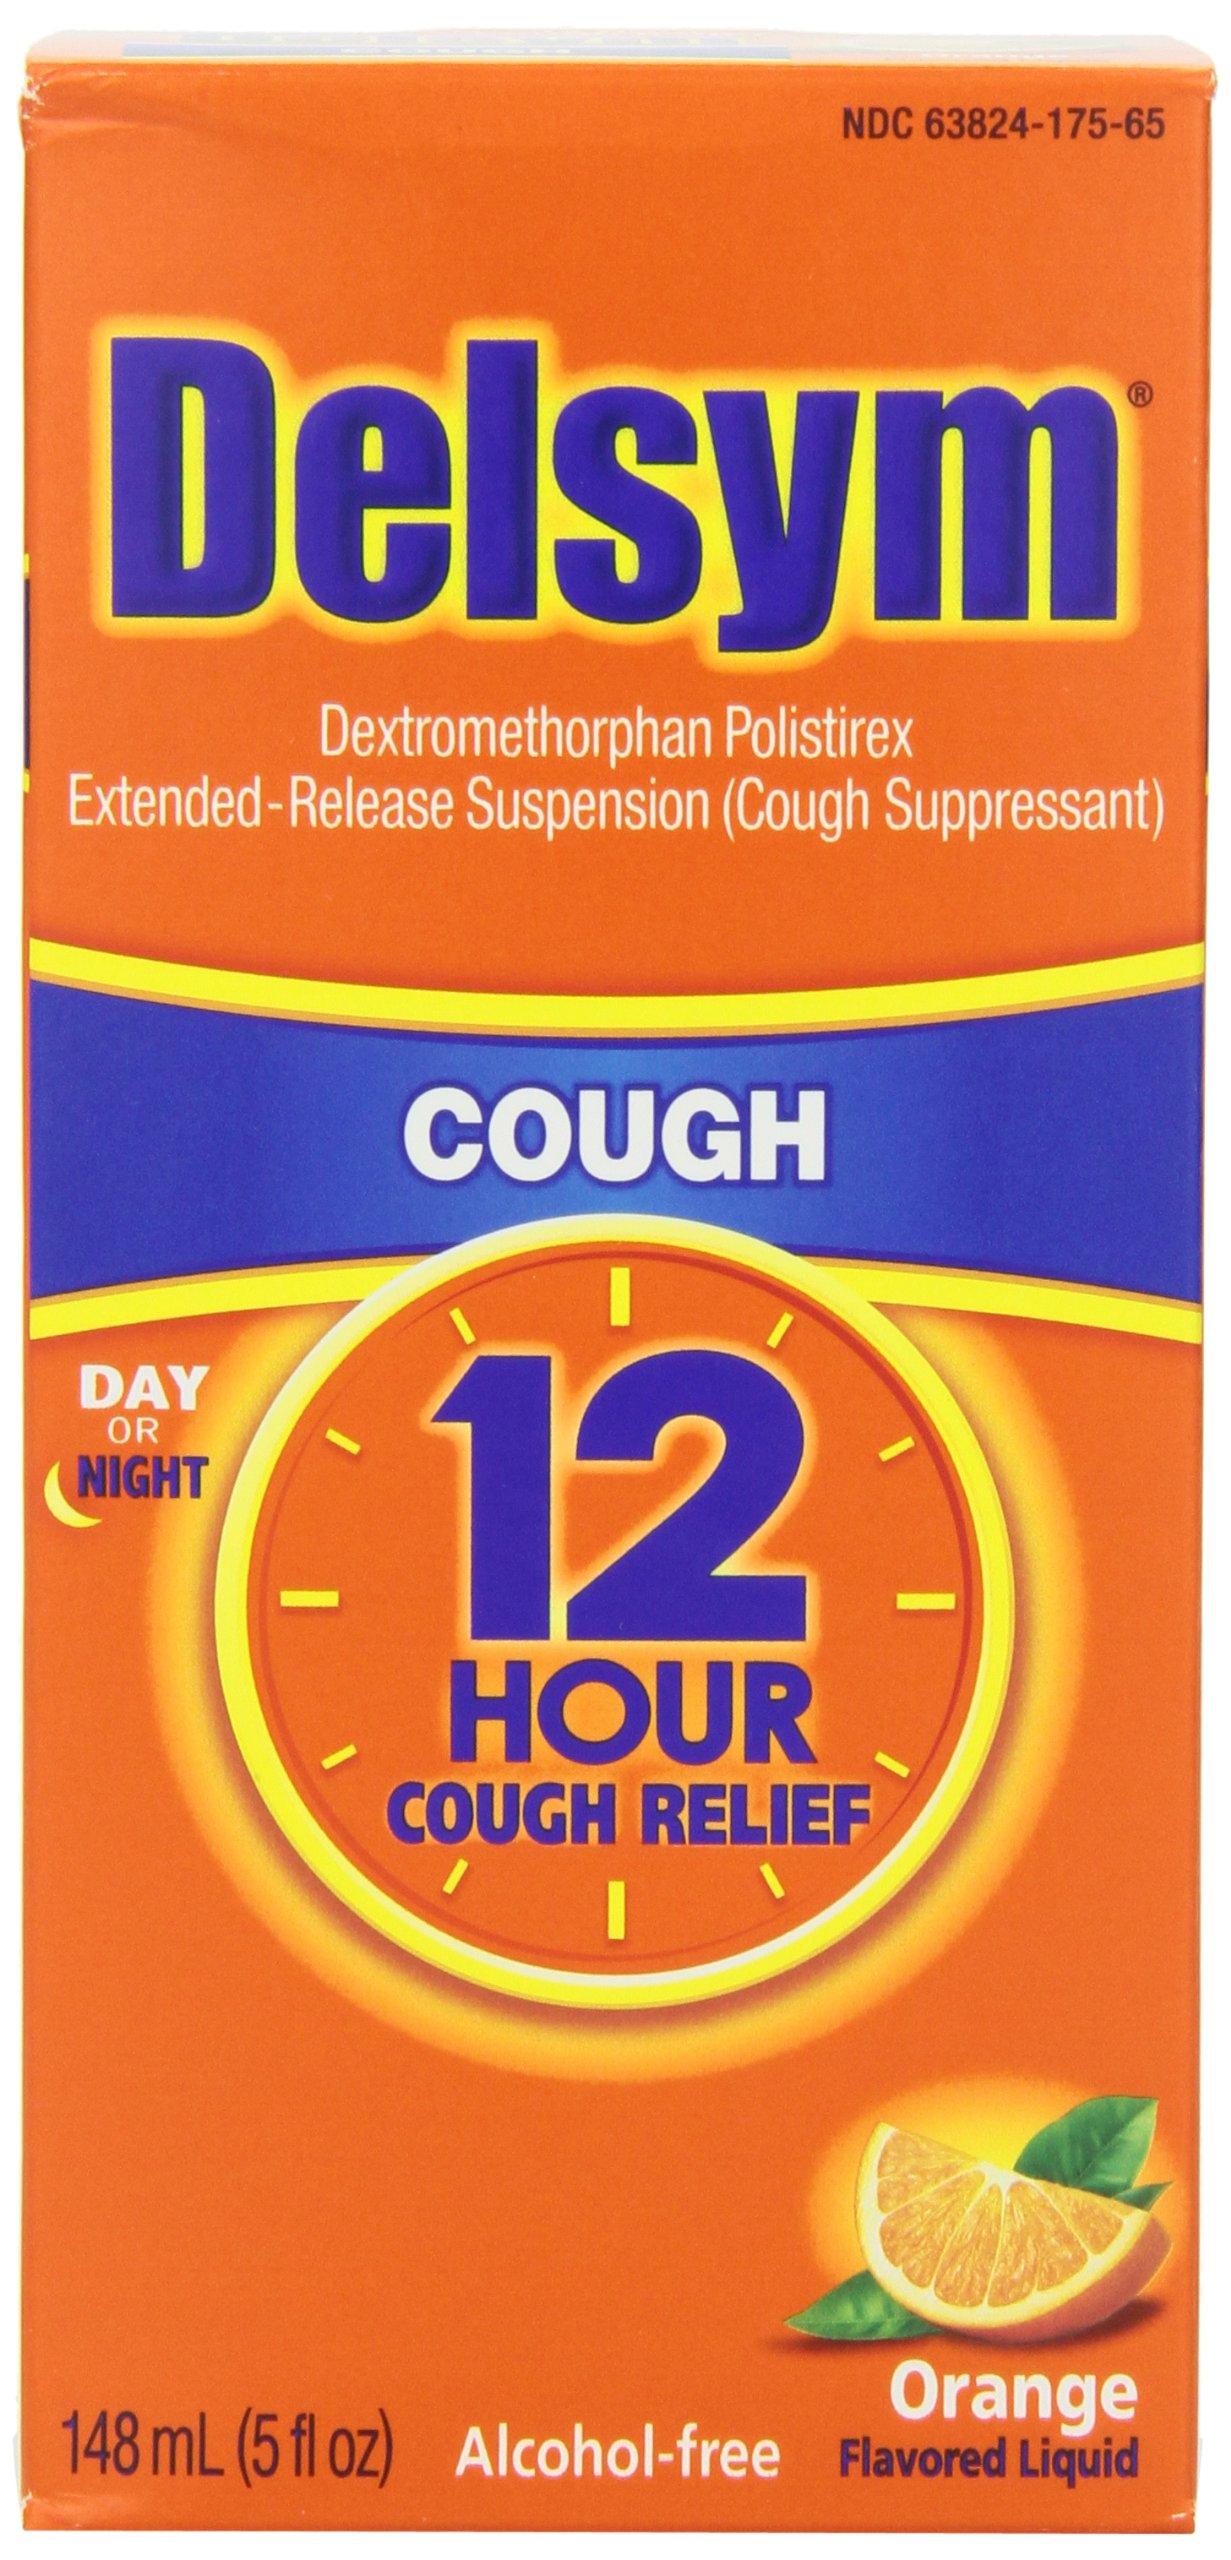 Delsym Adult 12 Hr Cough Relief Liquid, Orange, 15oz (3X5oz) by Delsym